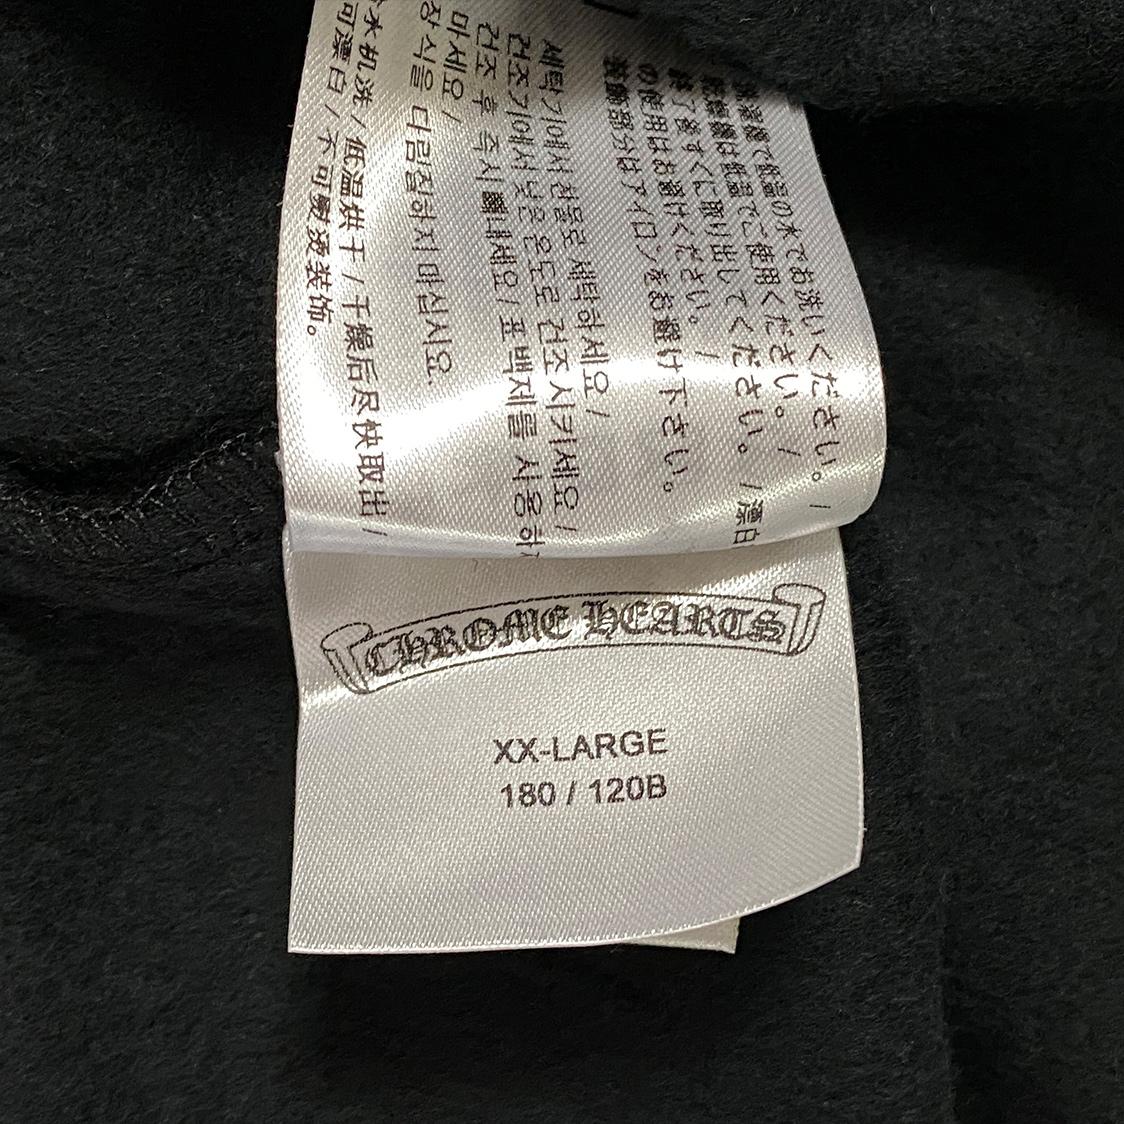 希少 新品 クロムハーツ CHROMEHEARTS 【XXLサイズ】 プルオーバー パーカー フーディ ブルー ゲリラ販売